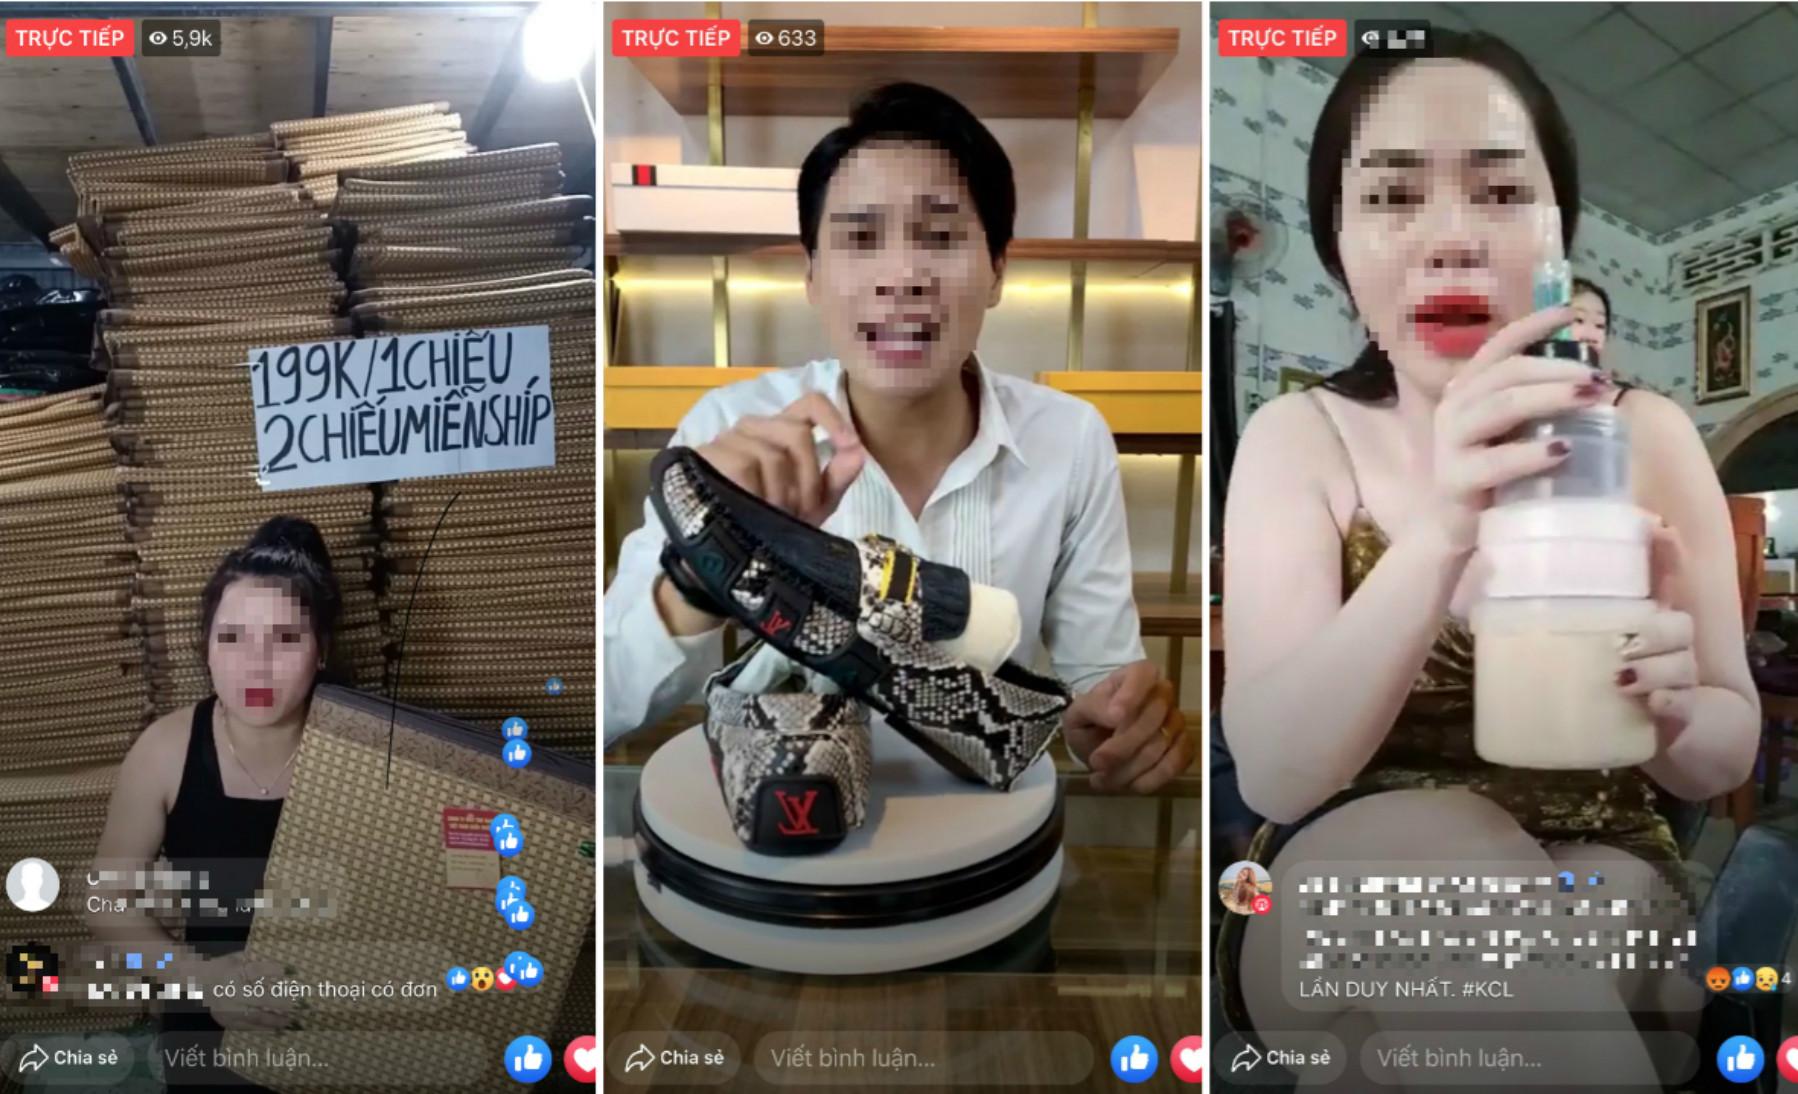 Nền kinh tế 'check inbox' tại Việt Nam đang vận hành thế nào? - Ảnh 4.